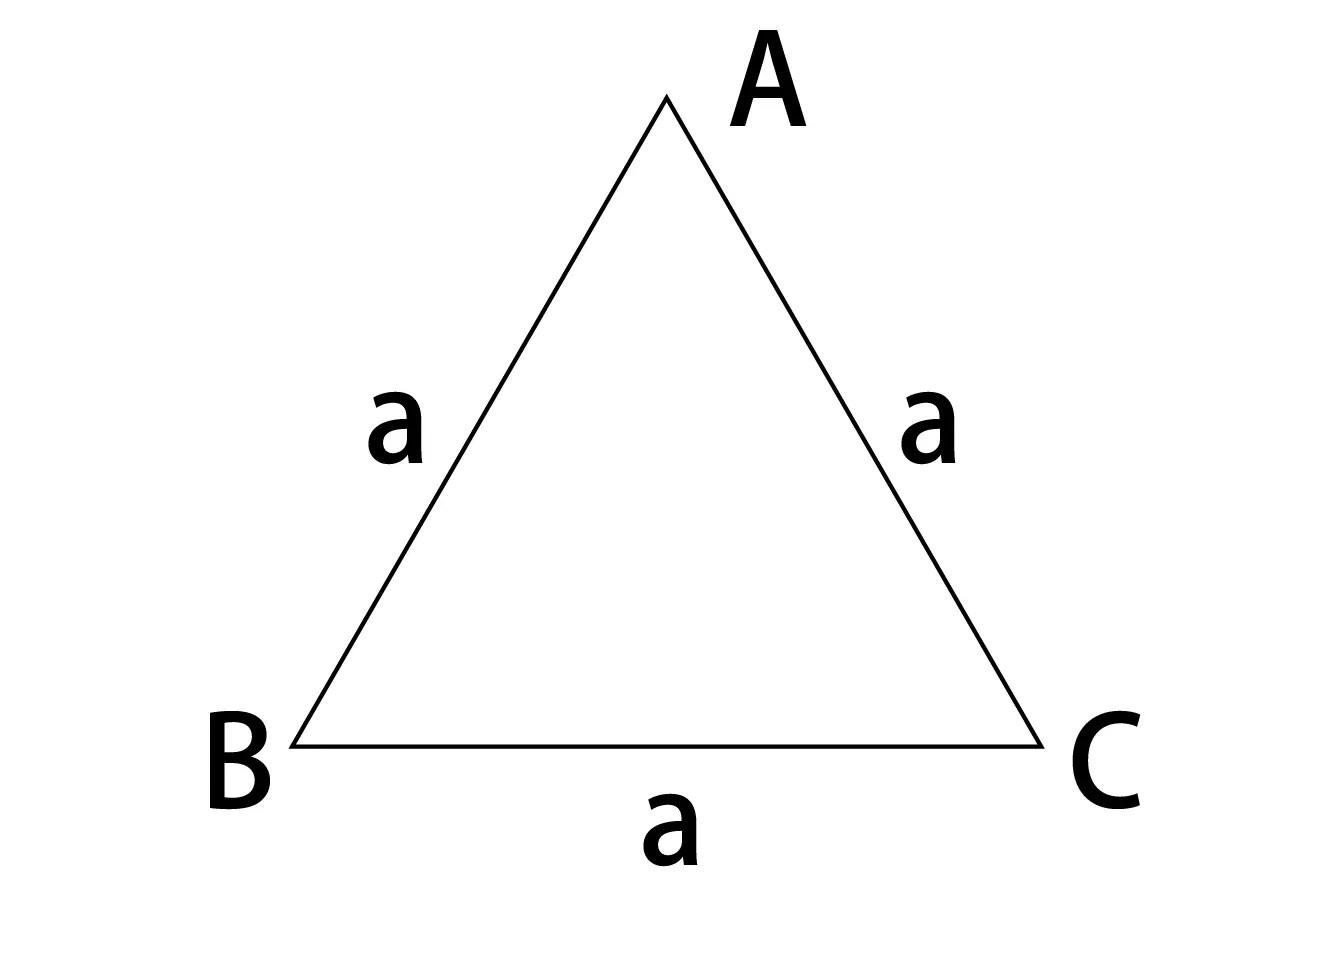 子供向けぬりえ: HD限定正三角形 面積 求め方